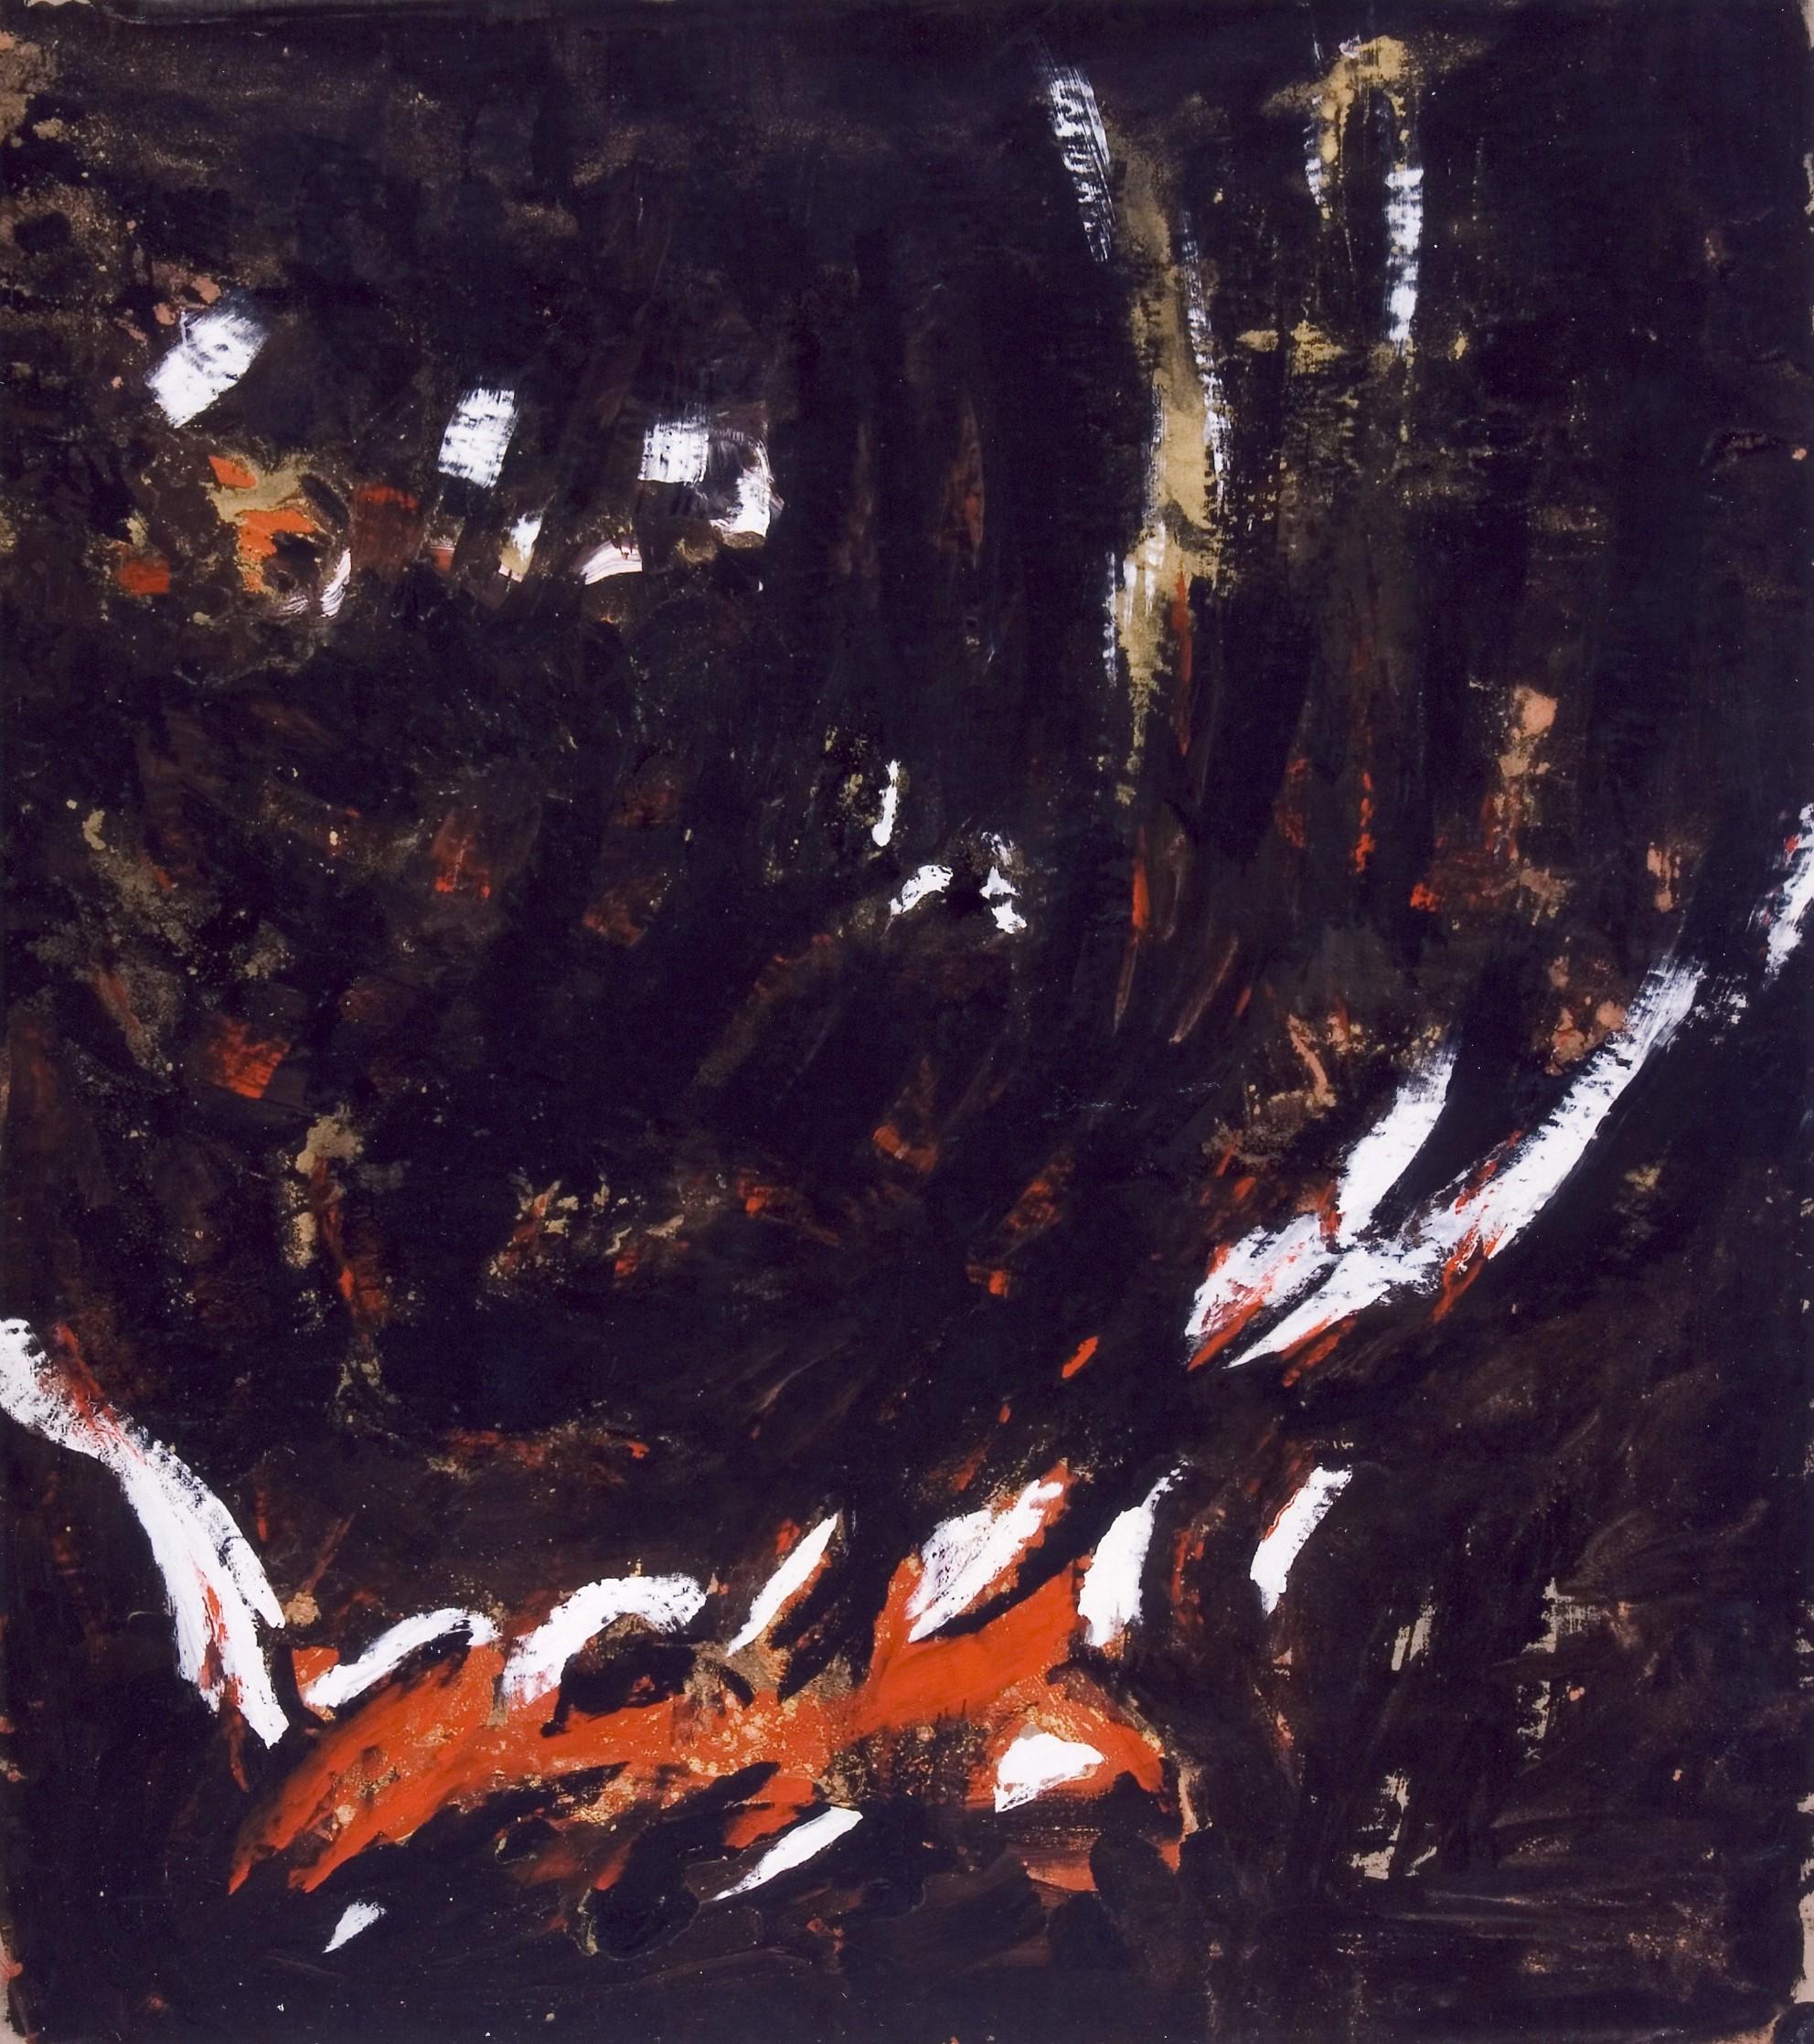 senza titolo, 1991, tempera acrilica su tela, cm 230 x 200  untitled, 1991, acrylic tempera on canvas, cm 230 x 200